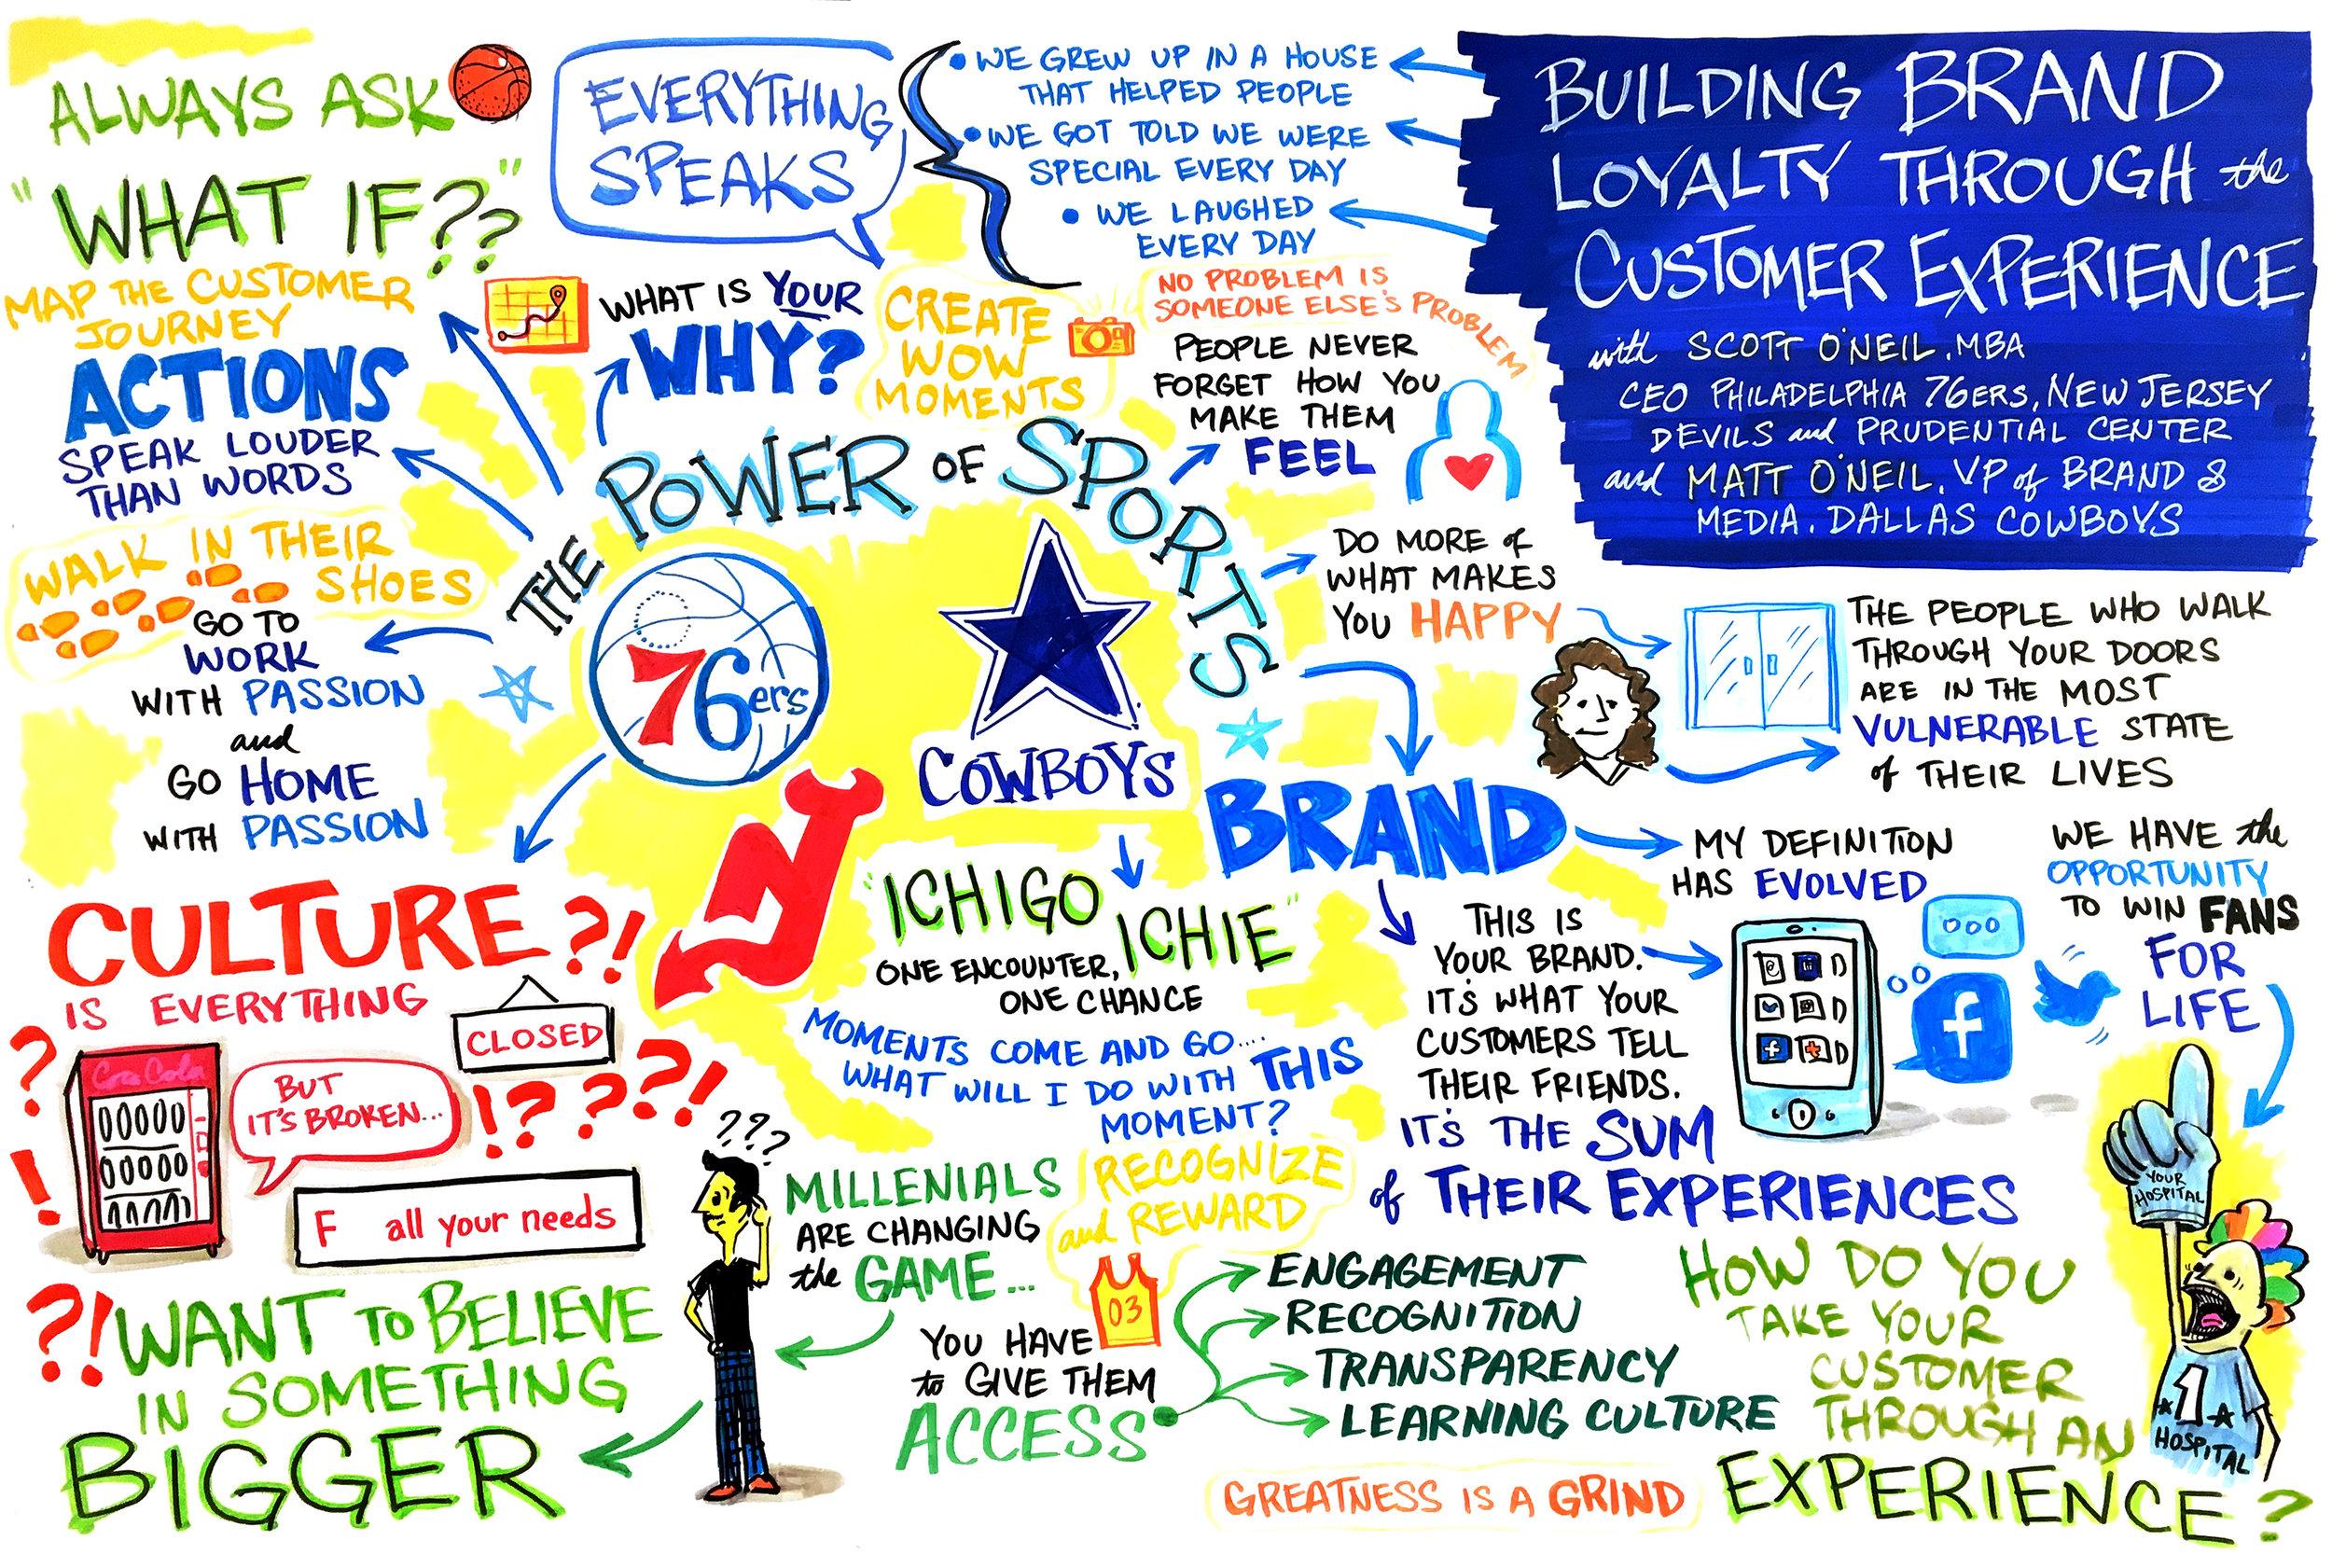 13_Scott Oneil and Matt Oneil_Building Brand.jpg